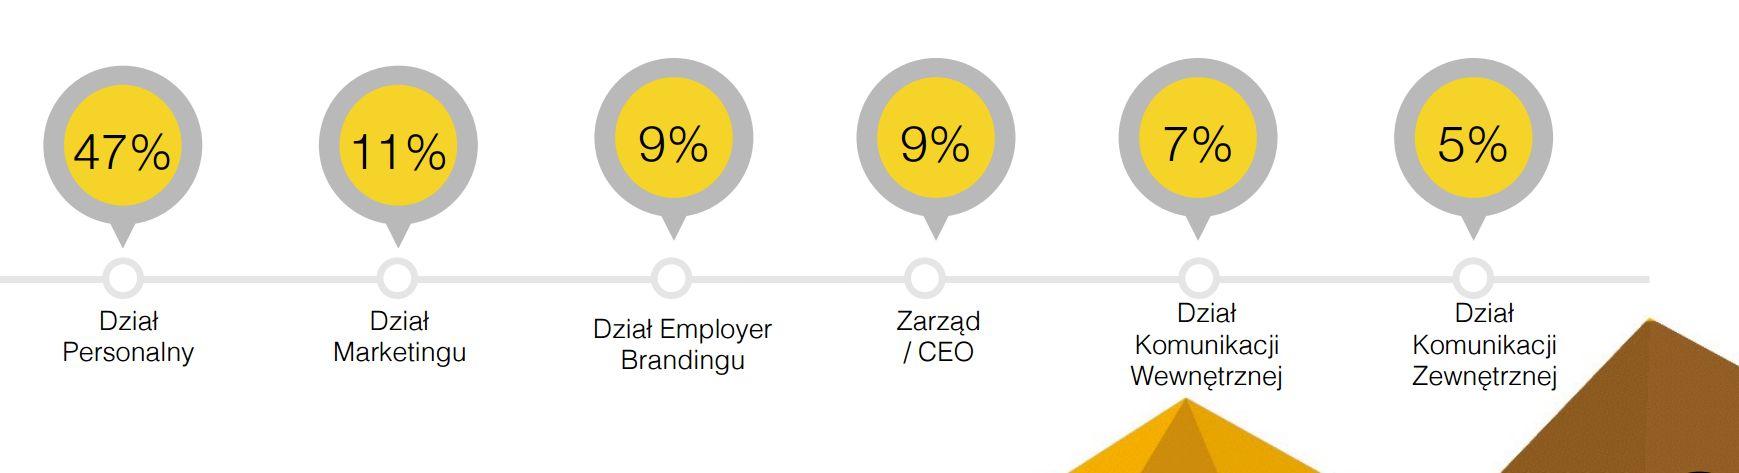 Kto jest odpowiedzialny za employer branding w polskich firmach? (Źródło: HRM)